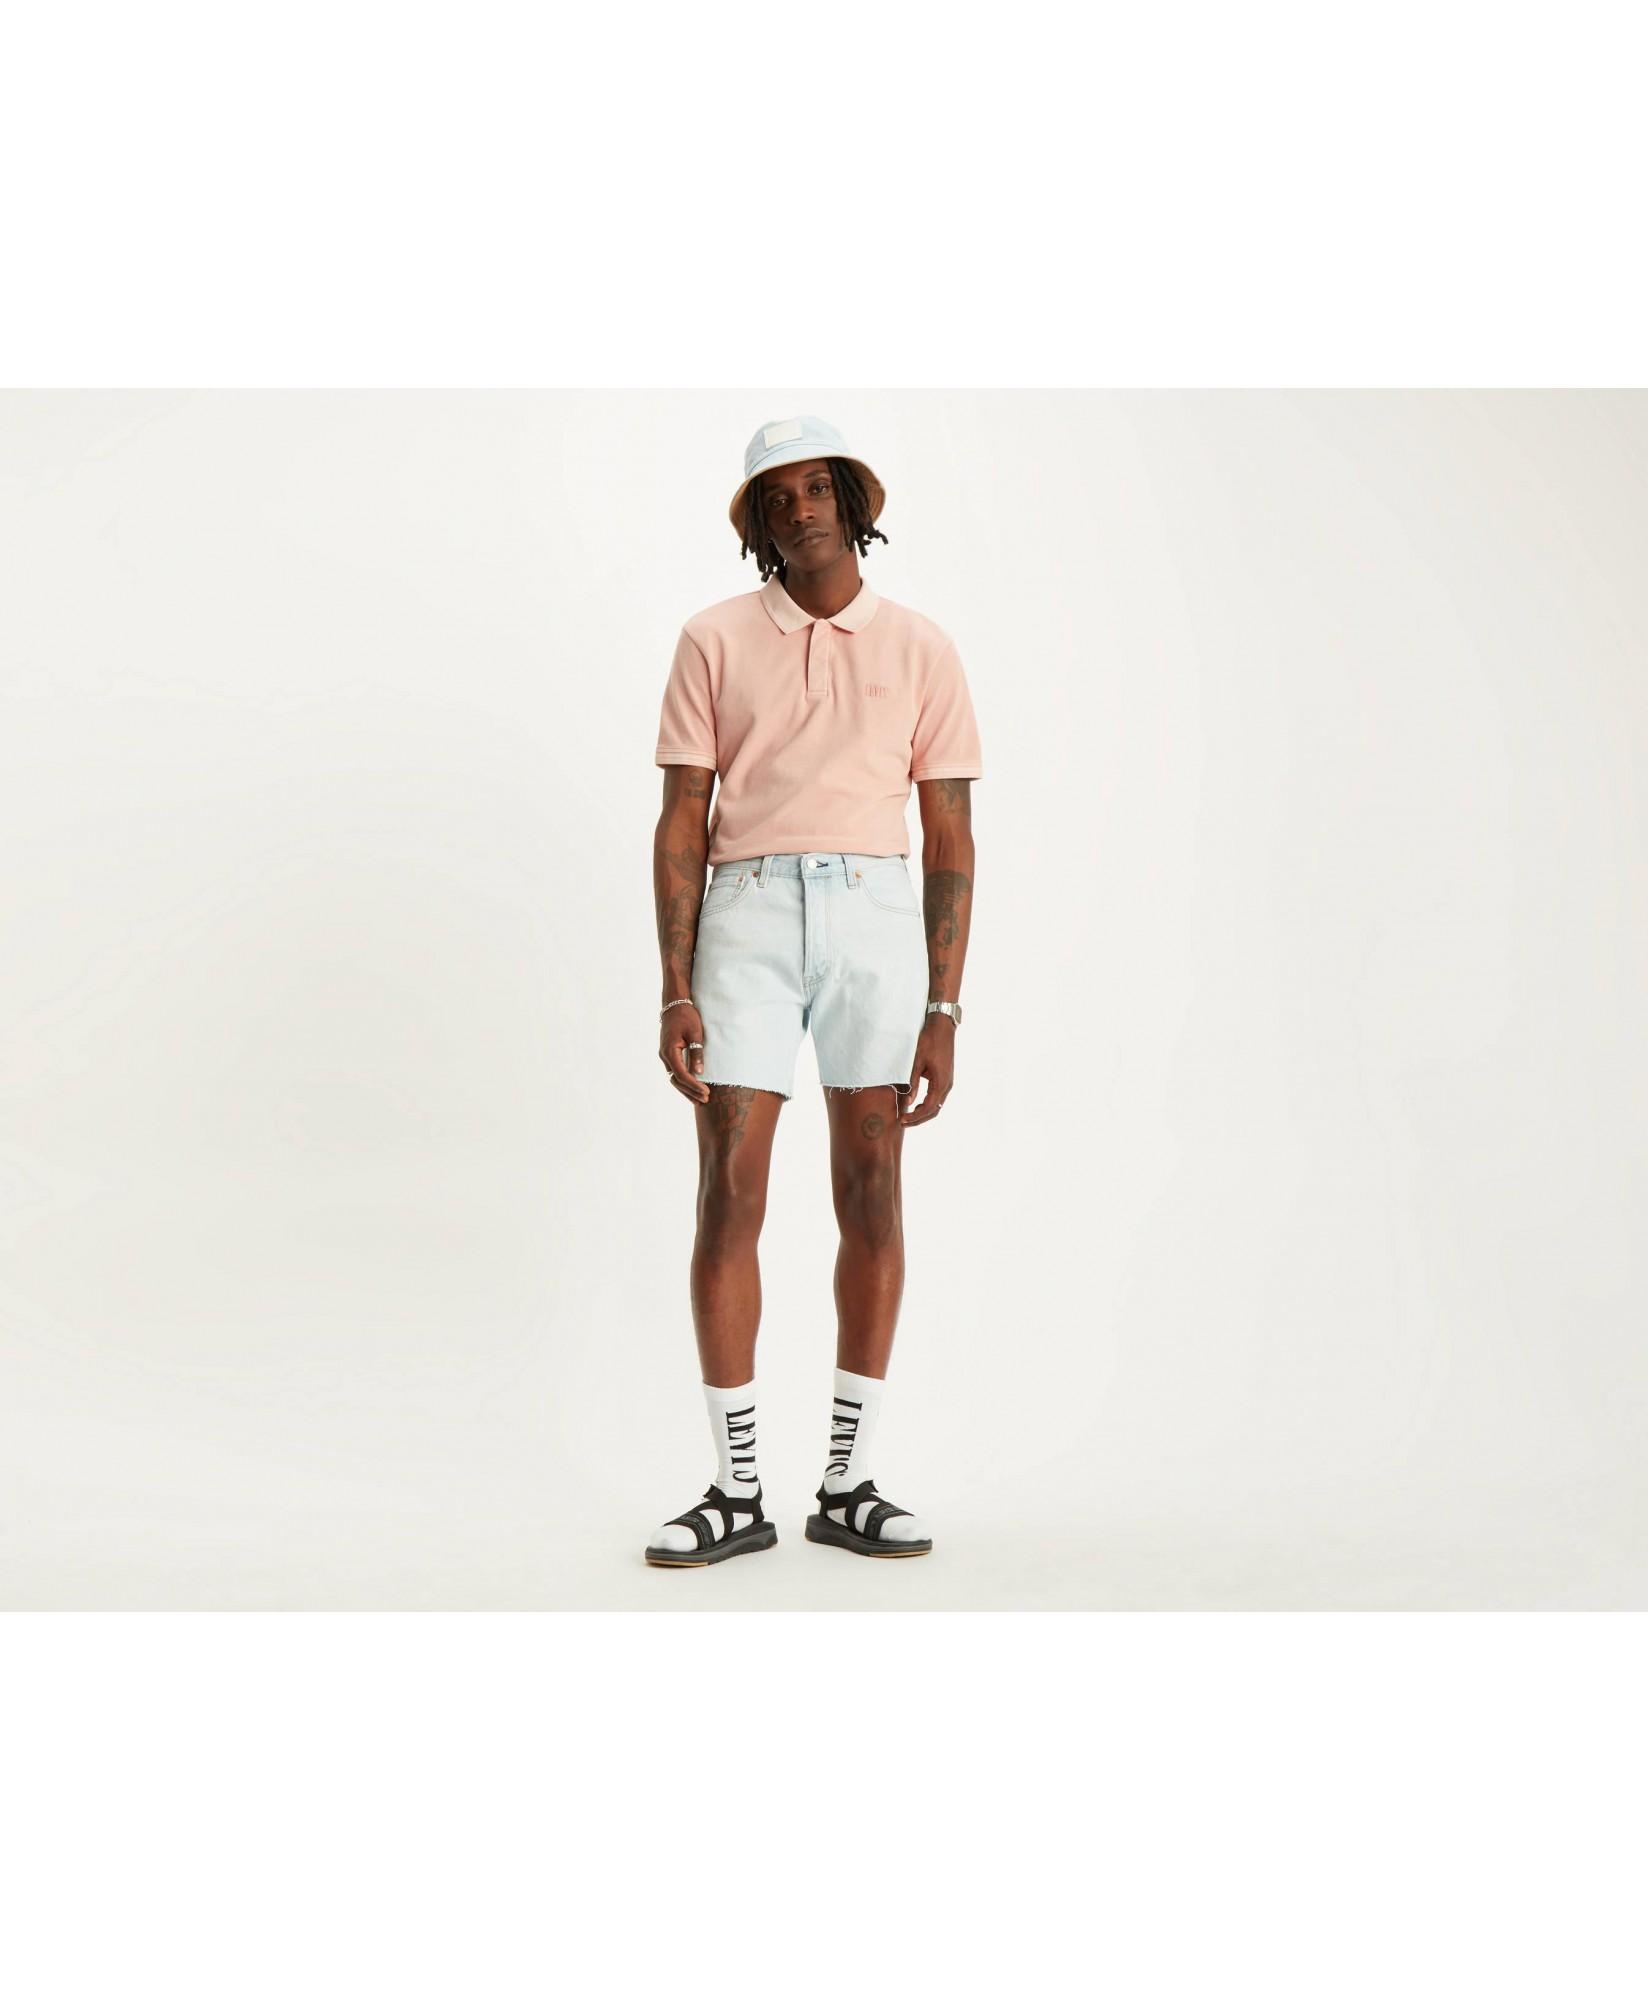 LEVI'S VINTAGE CLOTING 1993'S 501 SHORT LEVI'S VINTAGE CLOTING 1993'S 501 SHORT